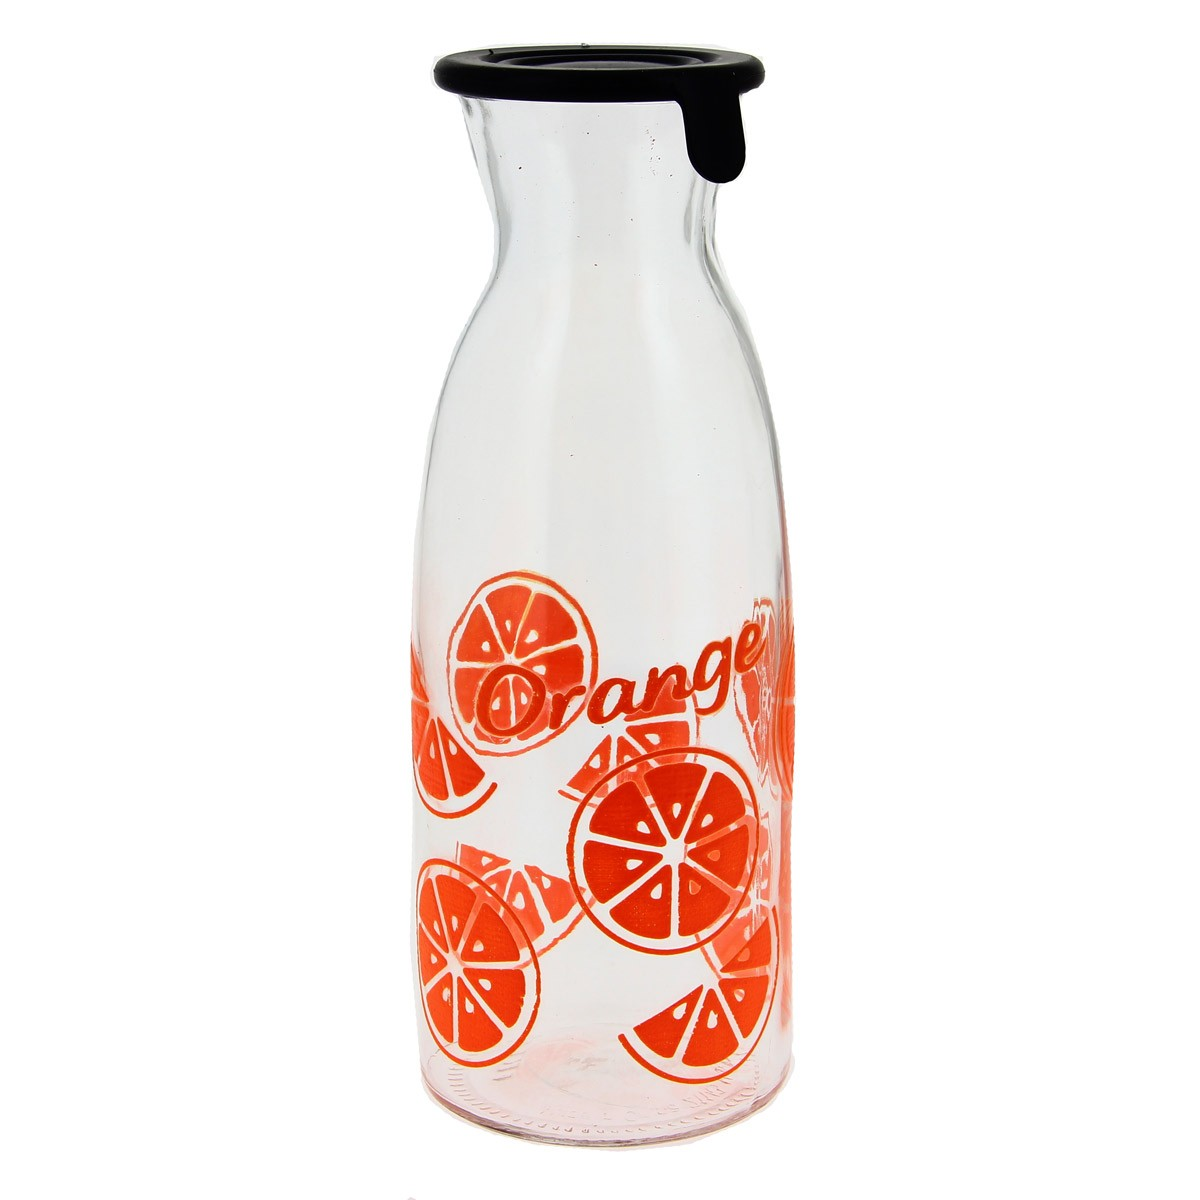 Μπουκάλι Με Καπάκι Marva Gummy Orange Μ67640 home   κουζίνα   τραπεζαρία   κανάτες   μπουκάλια